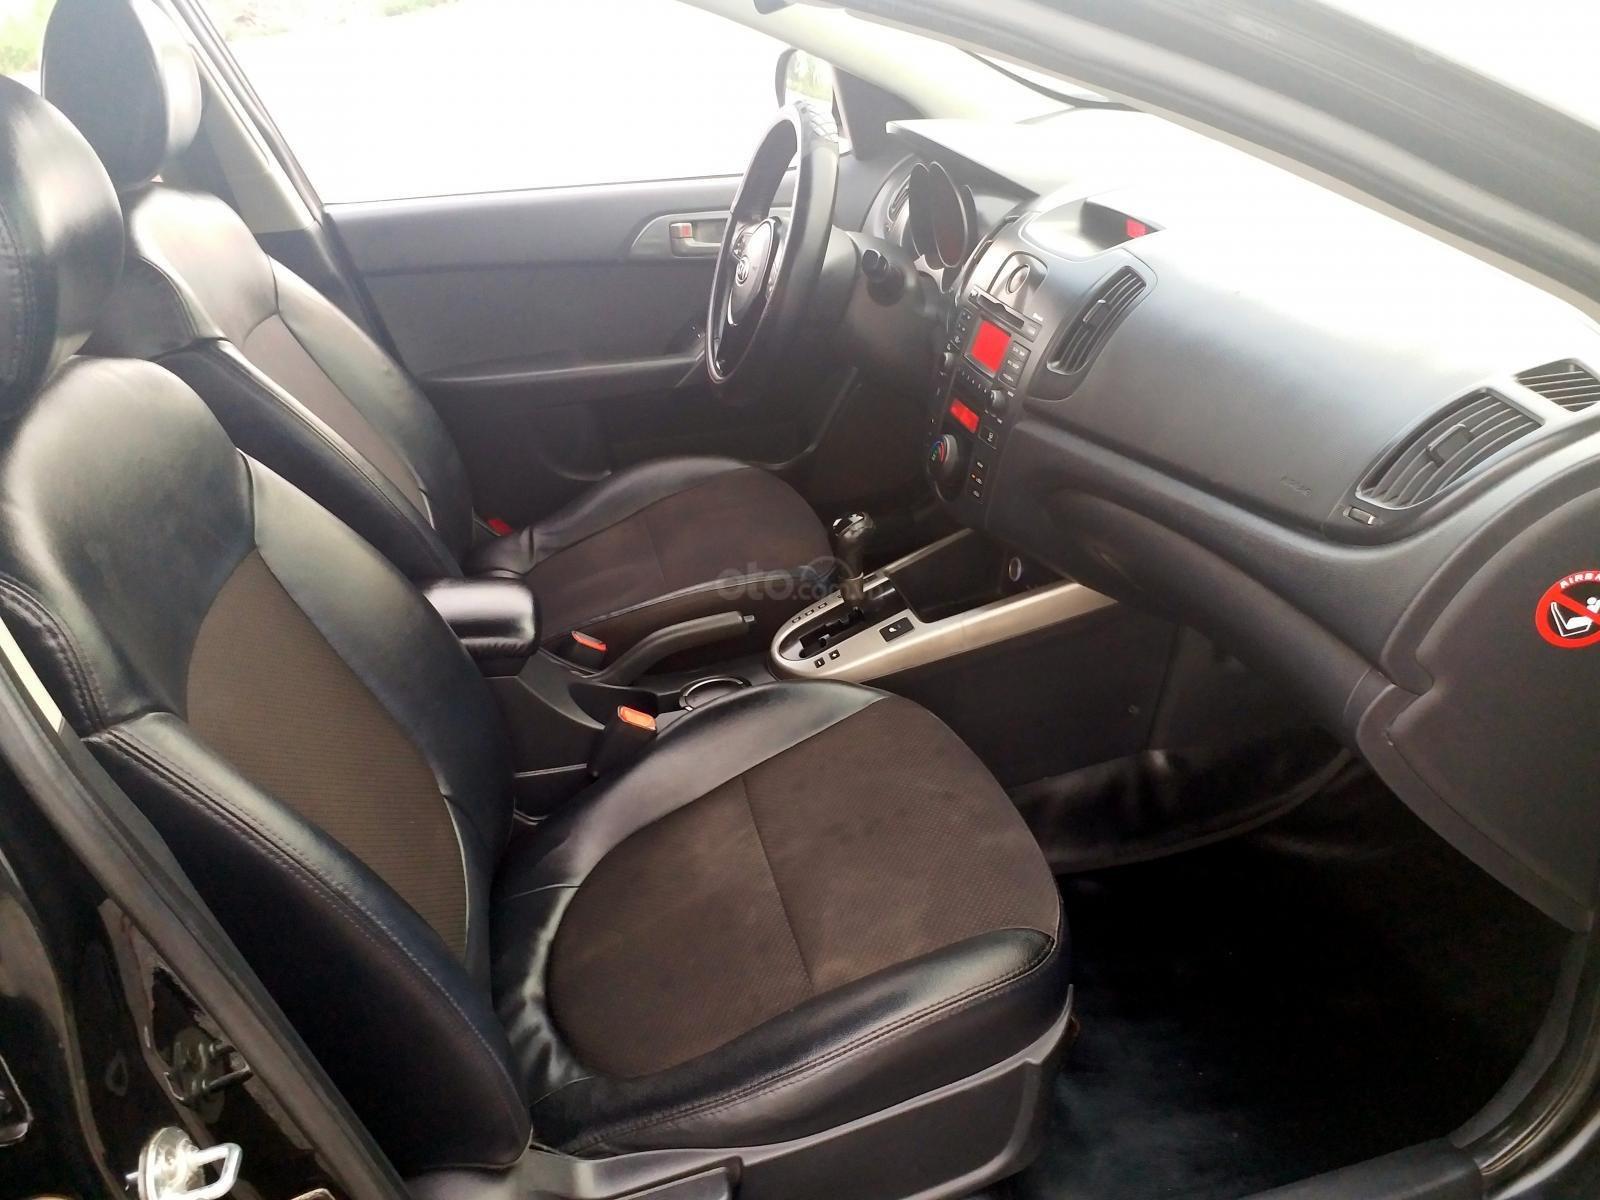 Cần bán Kia Forte sản xuất 2009, màu đen mới 95% giá tốt 320 triệu đồng (7)